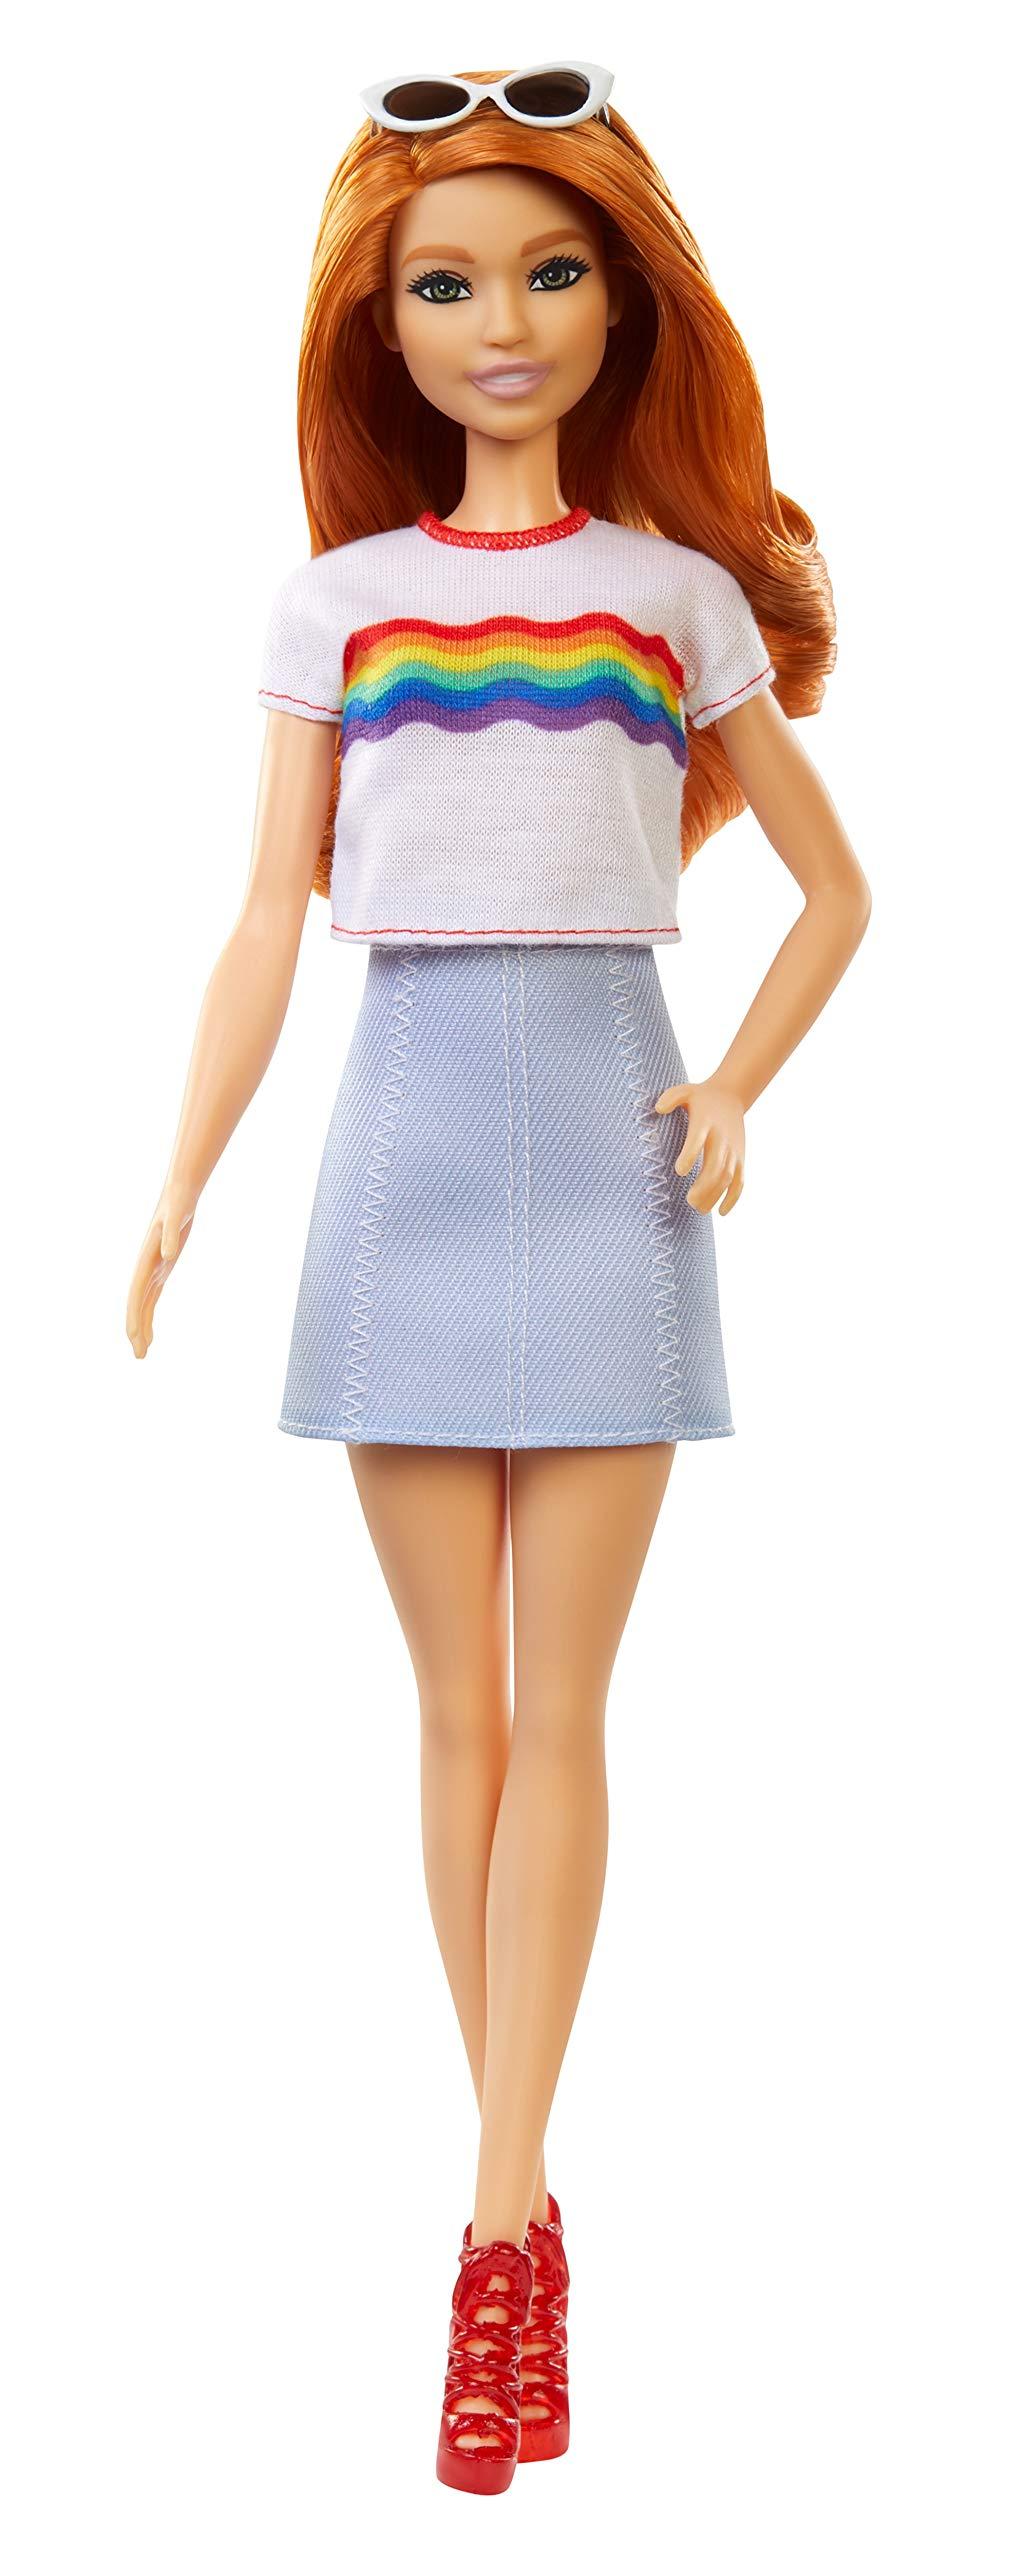 Barbie Fashionistas Doll #122